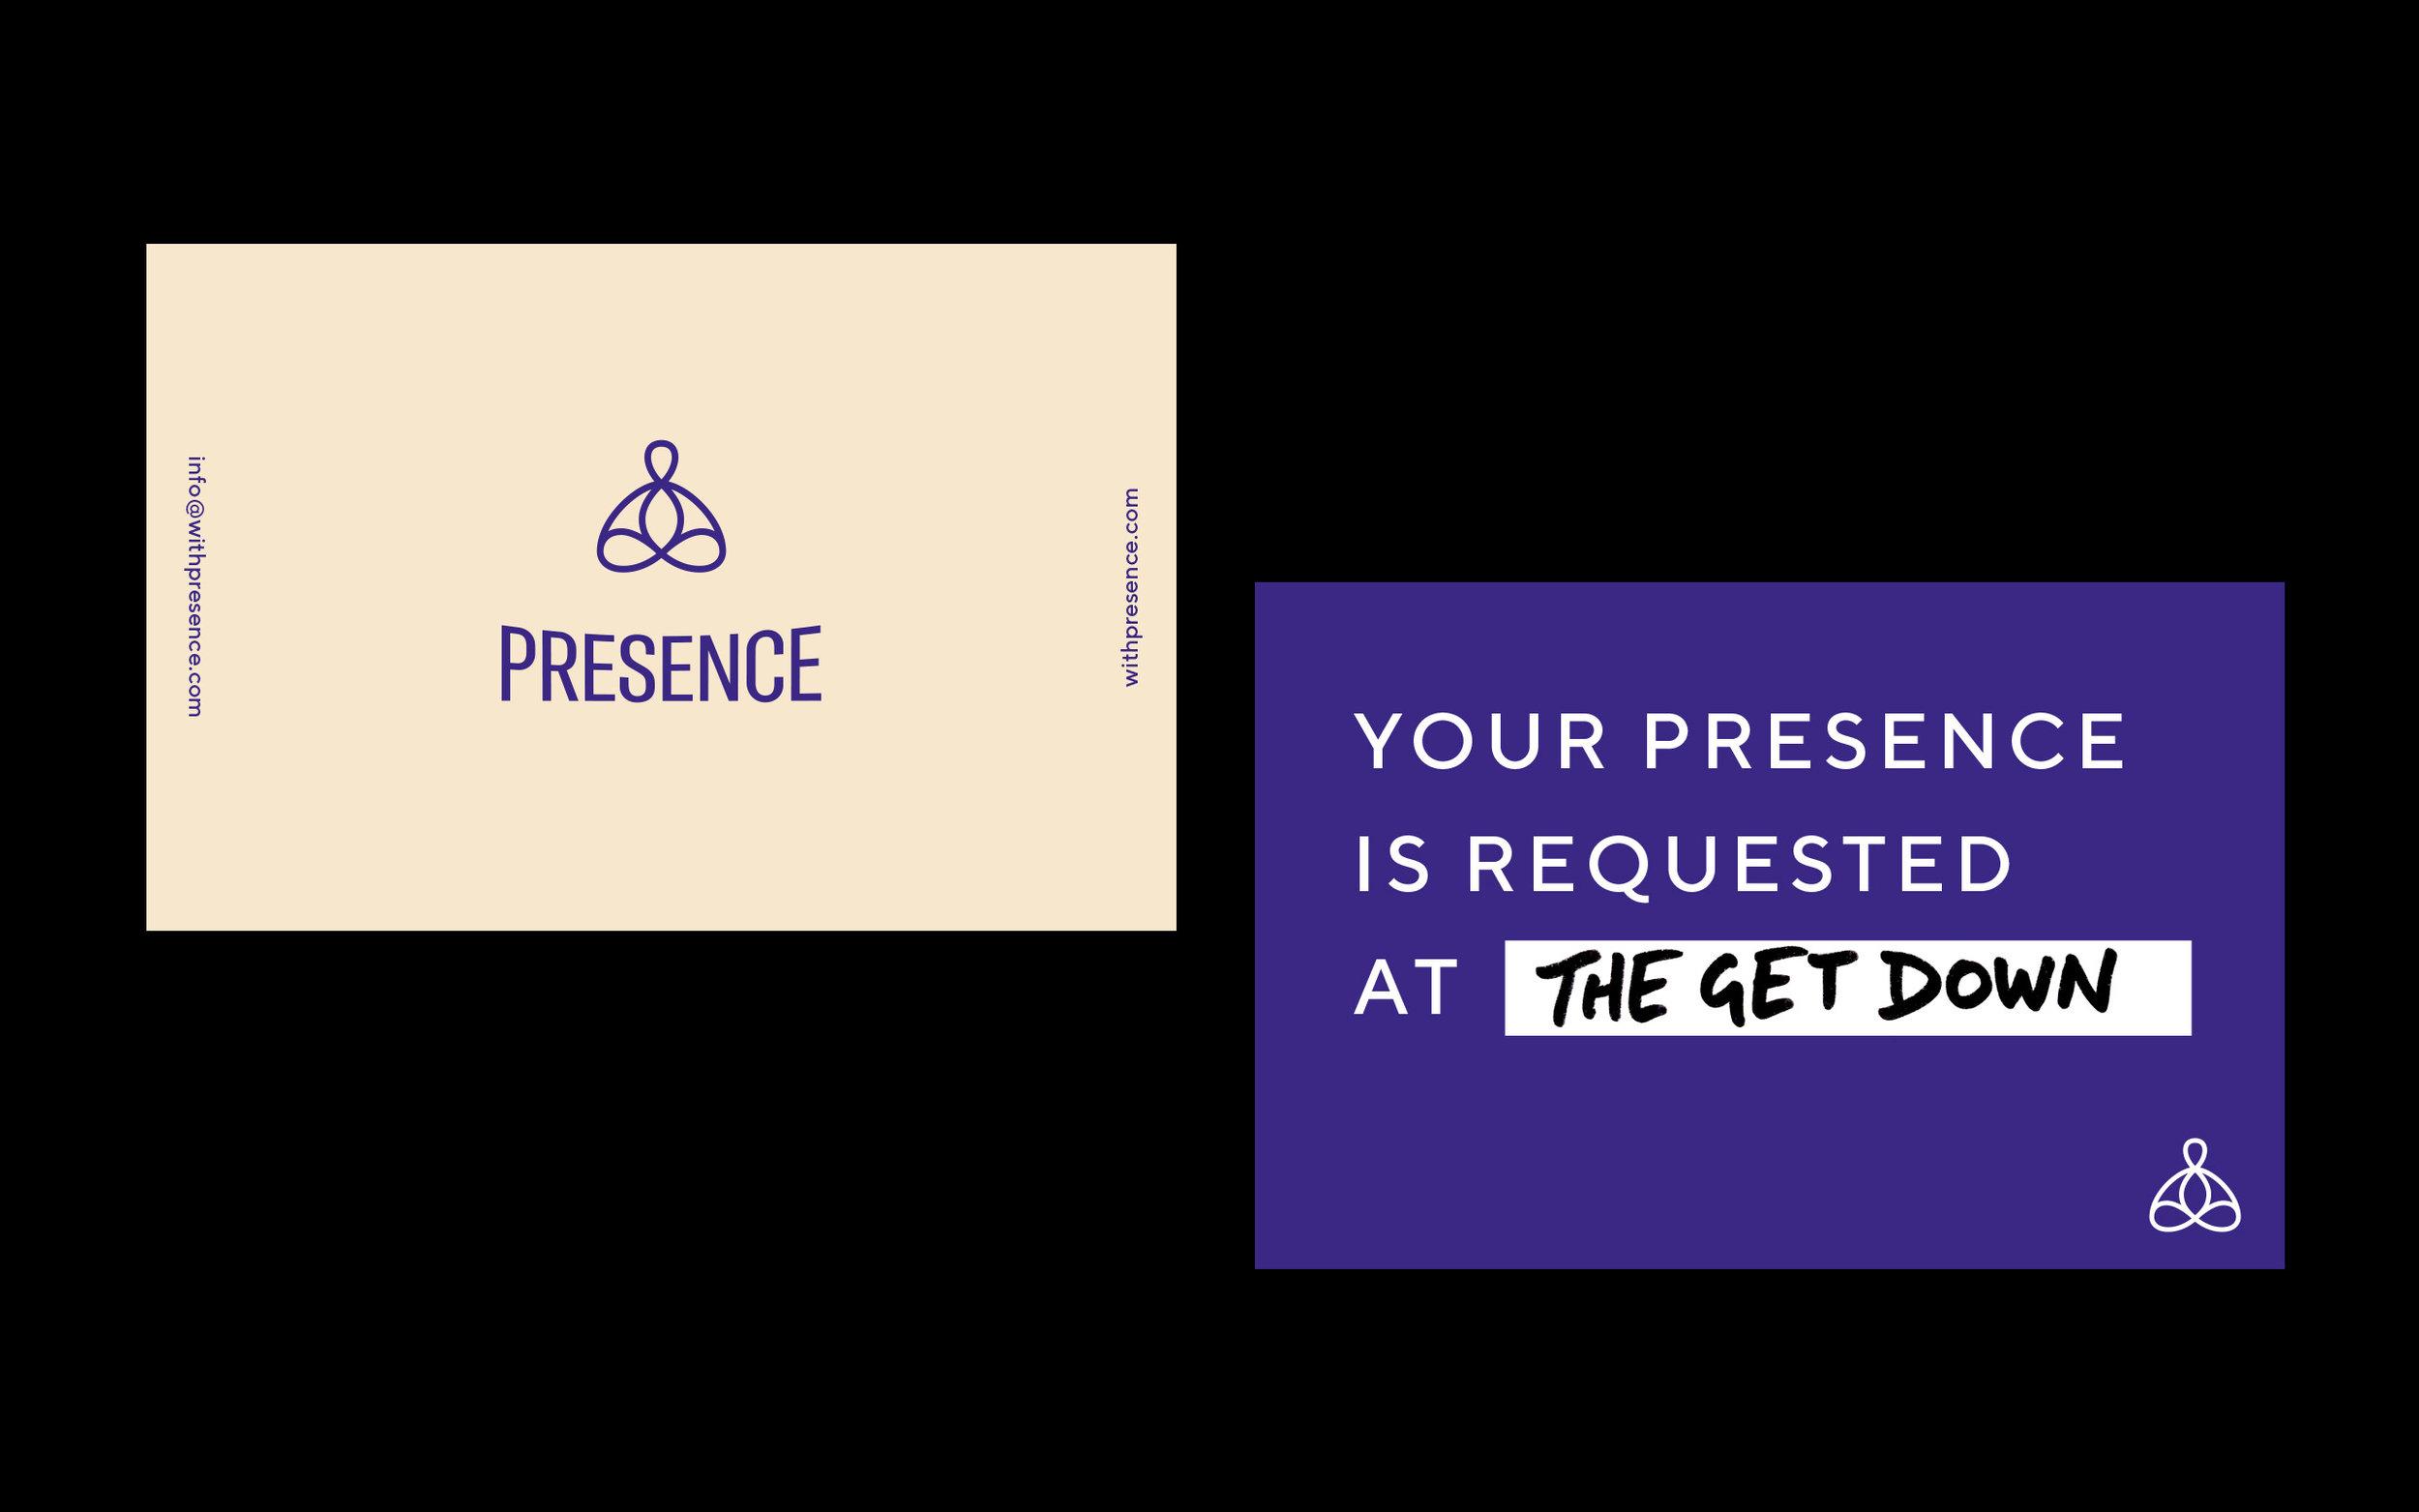 Presence_5.jpg